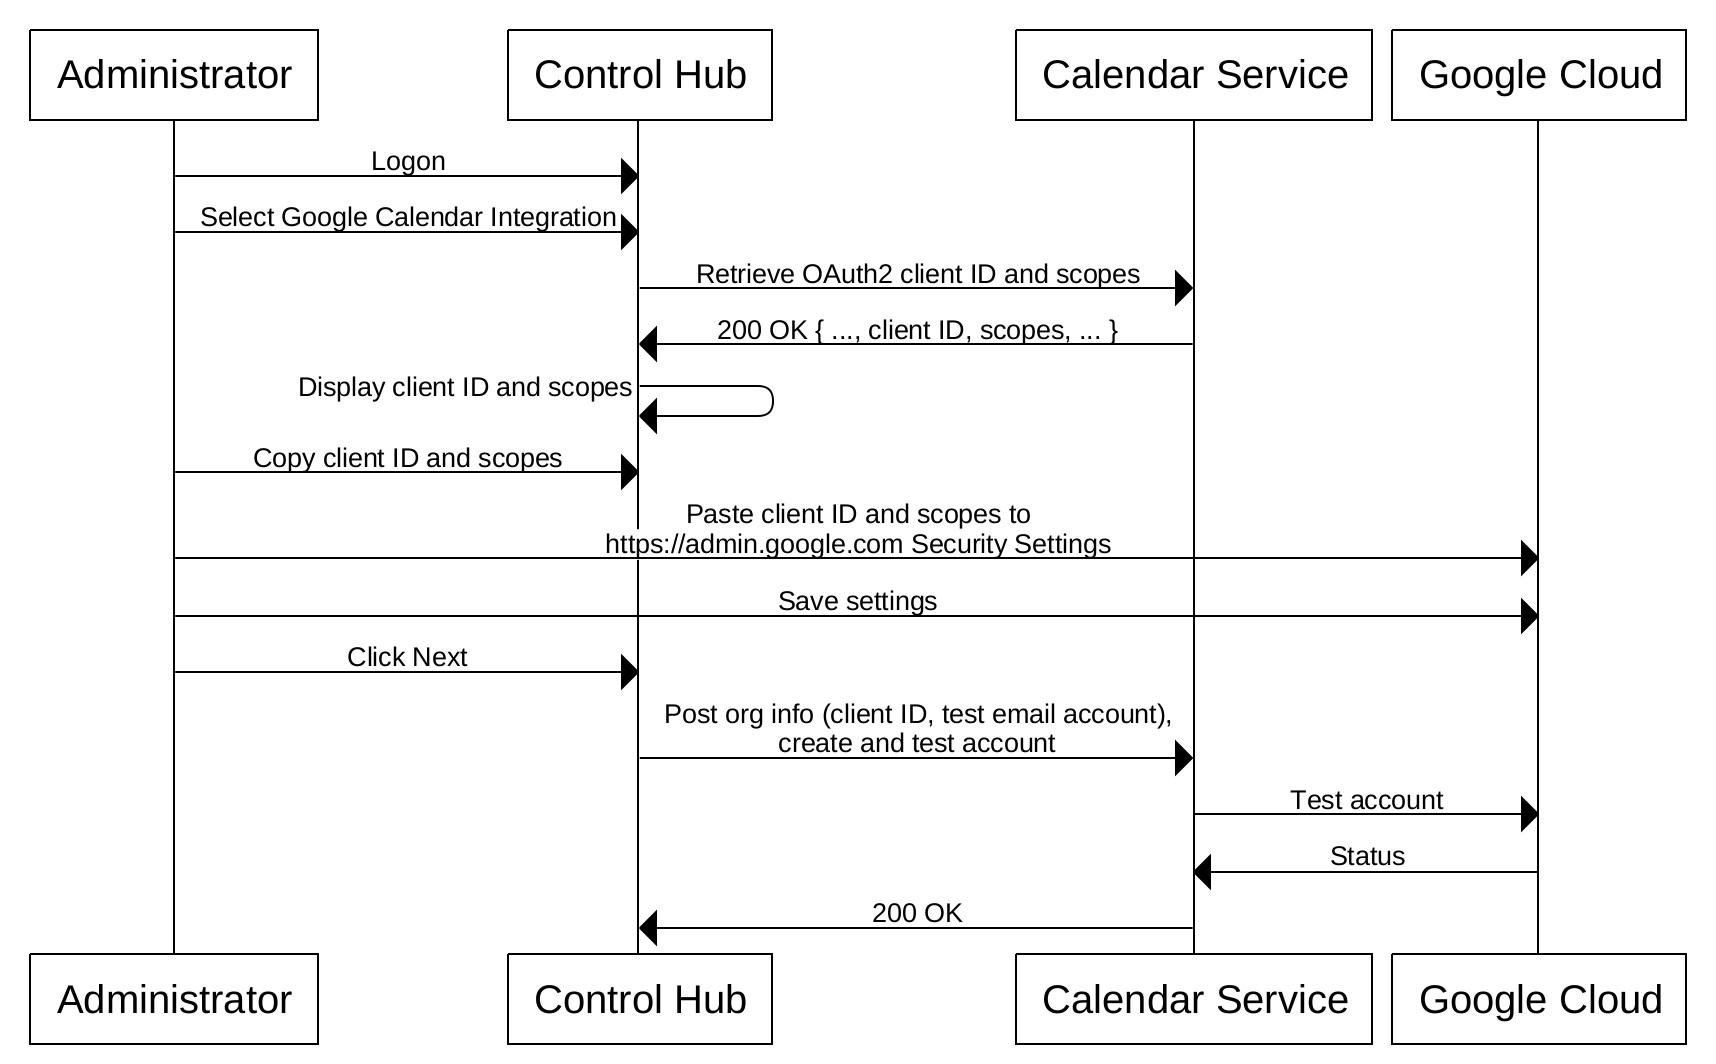 Cisco Webex Hybrid Calendar Service With Google Calendar Integration